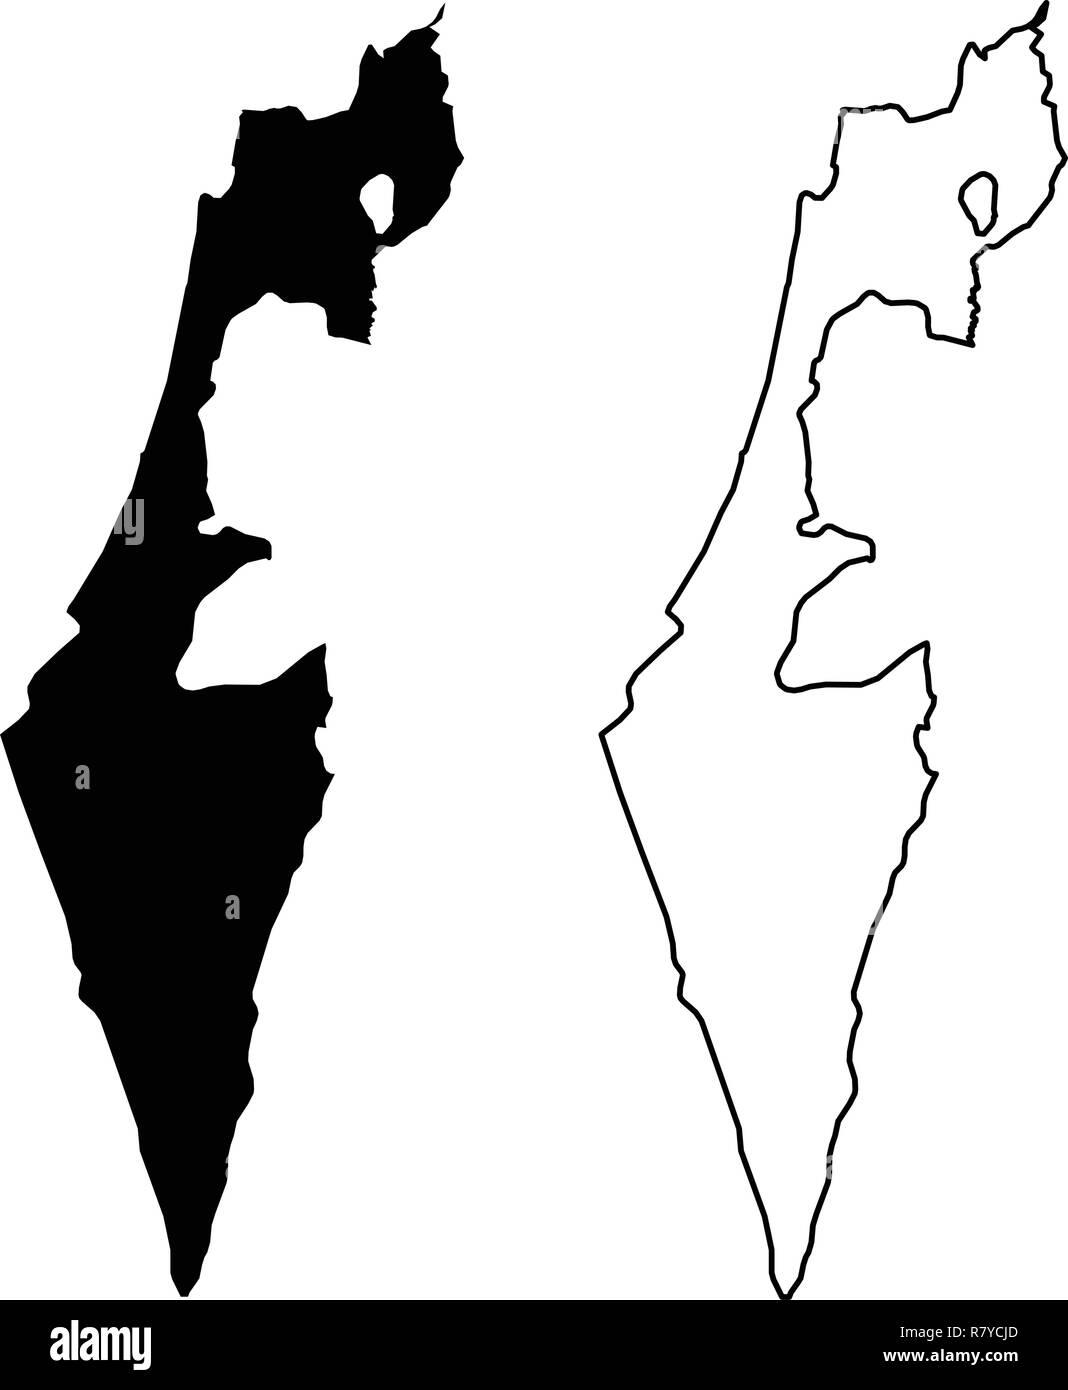 Stato Di Israele Cartina Fisica.Mappa Di Gaza Immagini E Fotos Stock Alamy